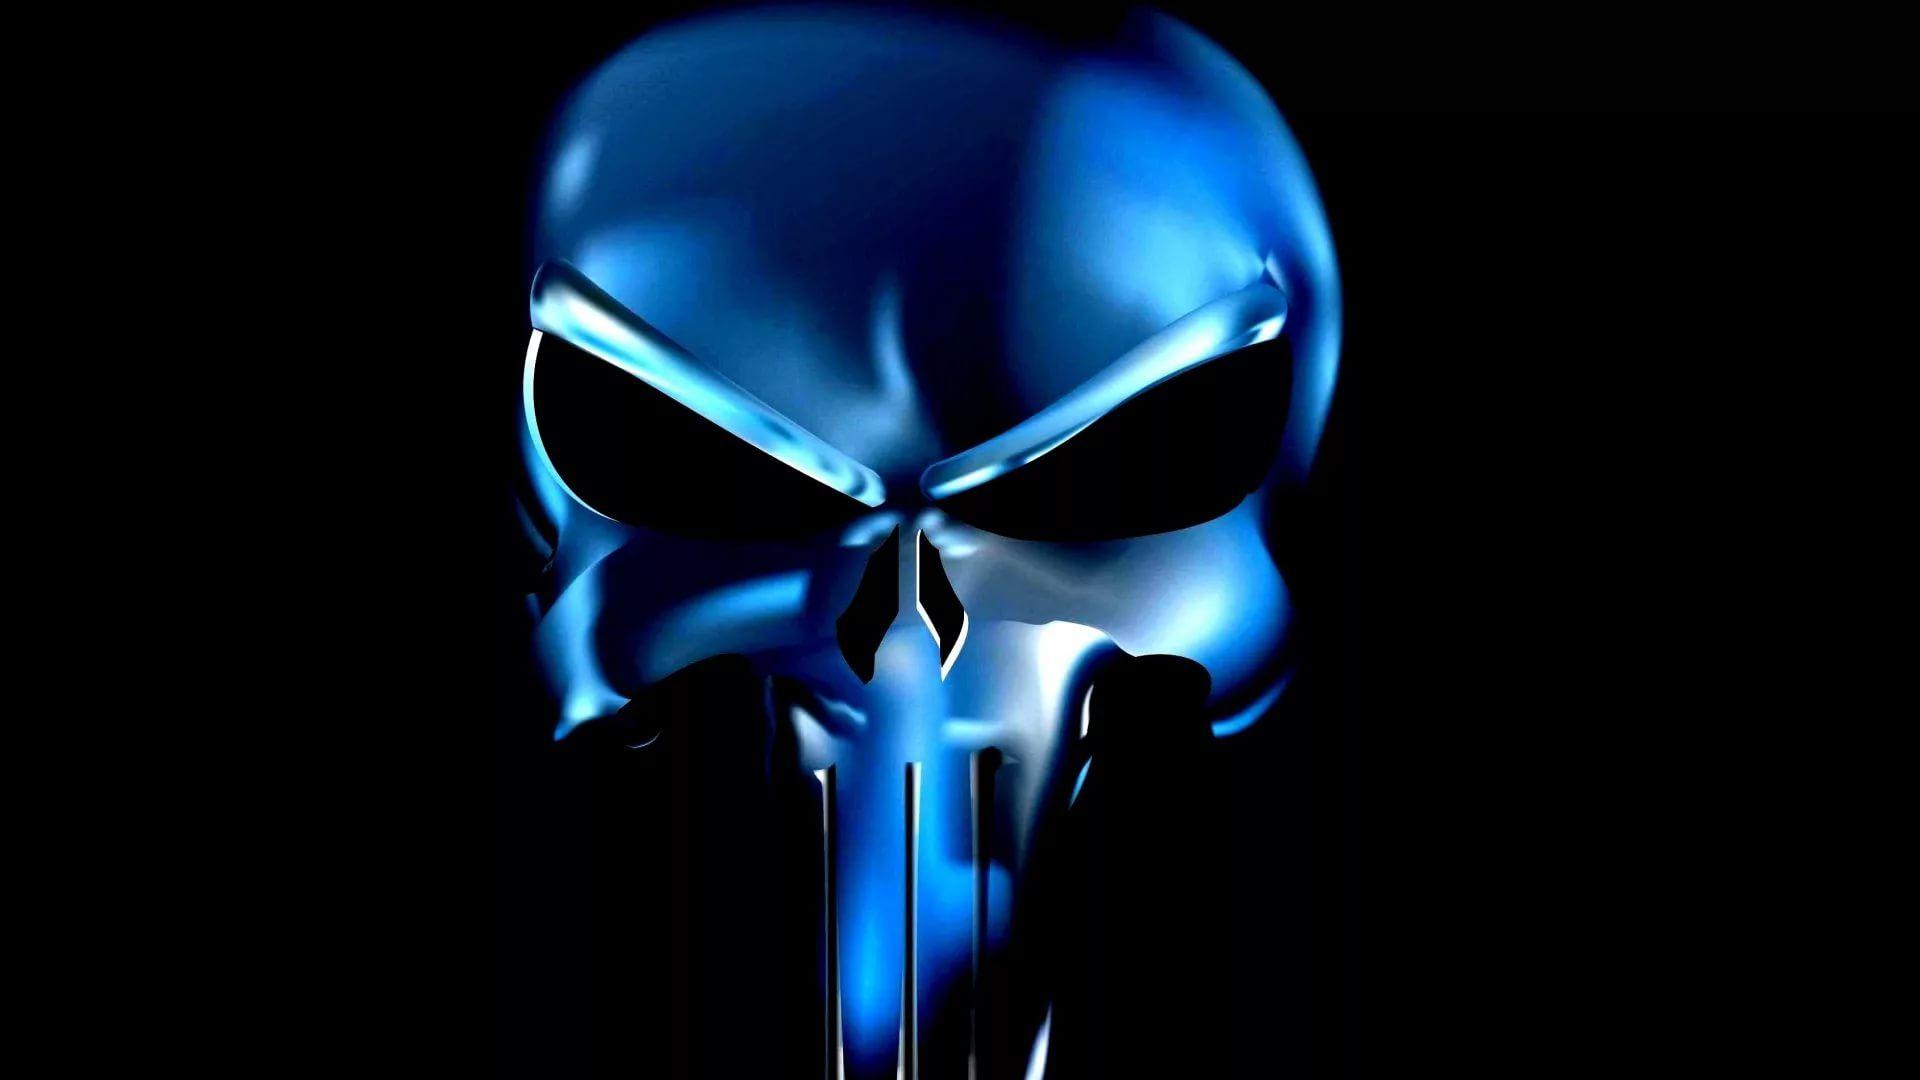 Punisher Skull Background Wallpaper HD